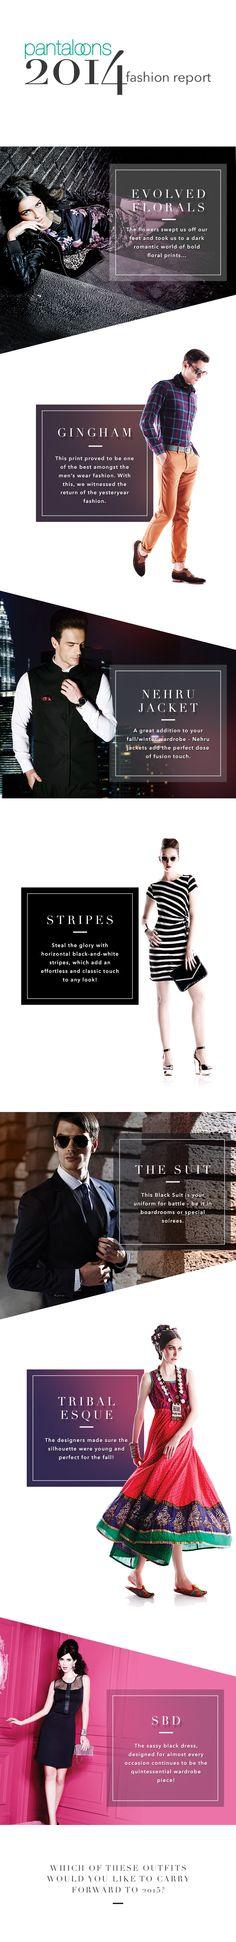 2014 Fashion Report - Pantaloons Fashion